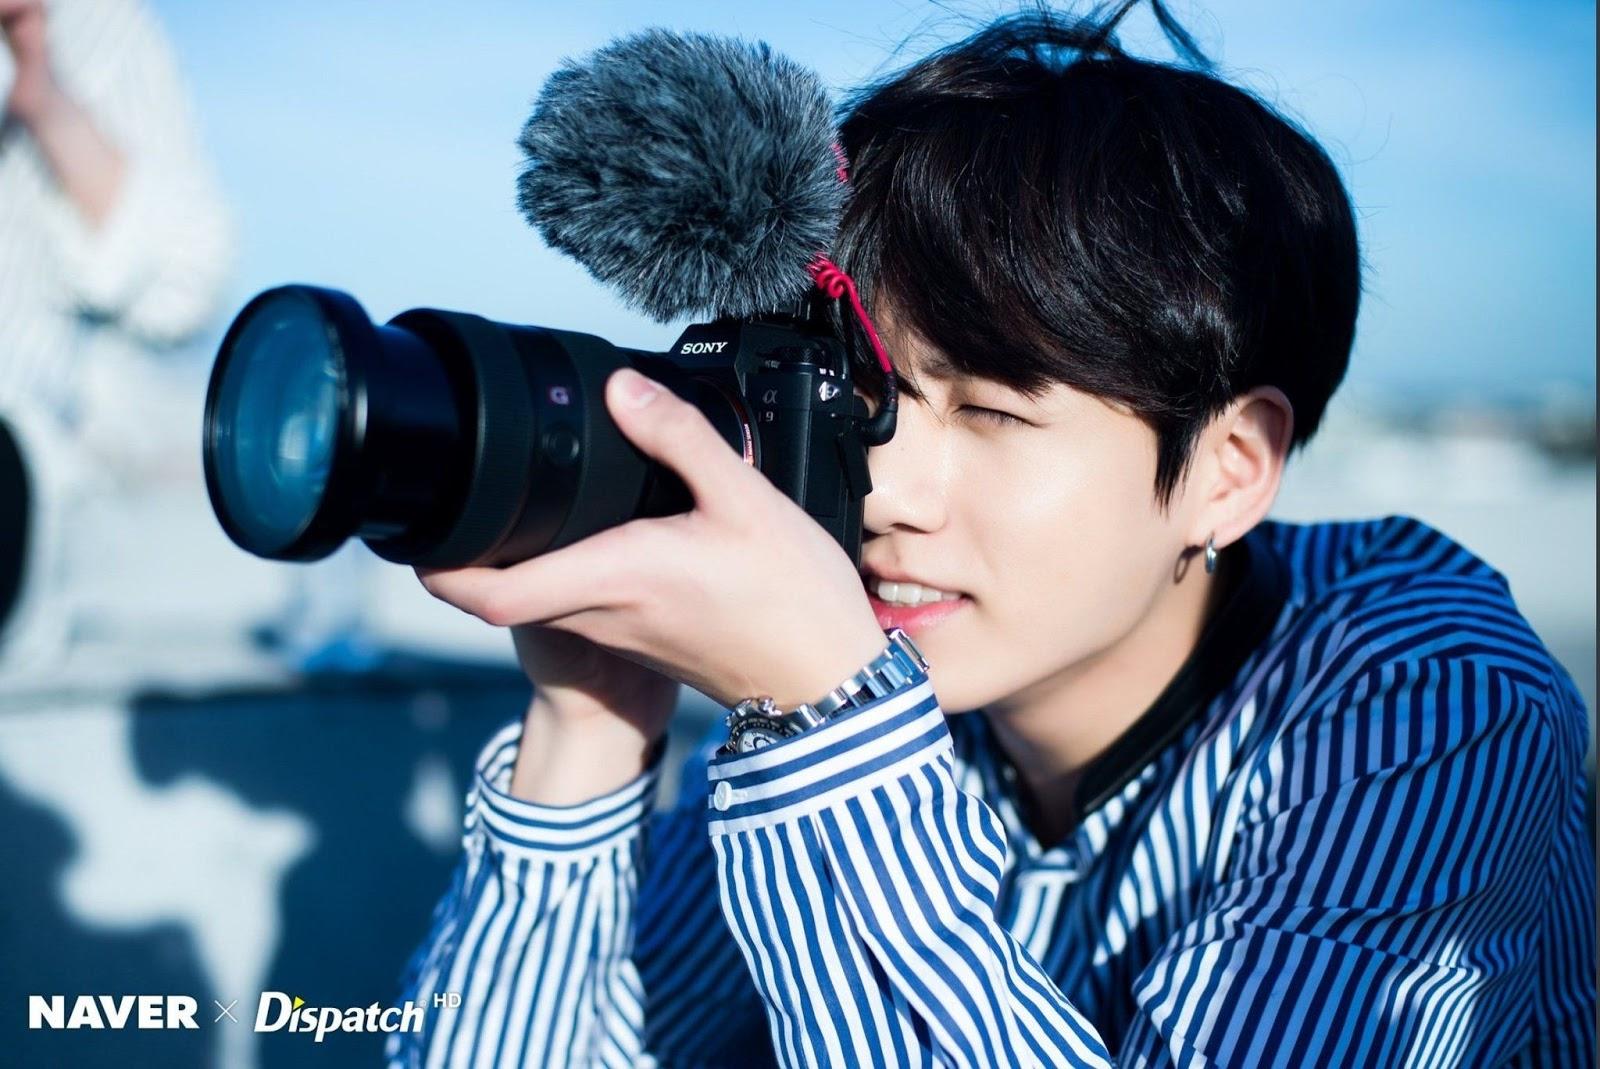 BTS, Jungkook BTS, tài năng làm phim của Jungkook, Jungkook Euphoria, bts Jungkook được khen kỹ ăng làm phim, ảnh Jungkook BTS, BTS nghĩa vụ quân sự, tin tức BTS